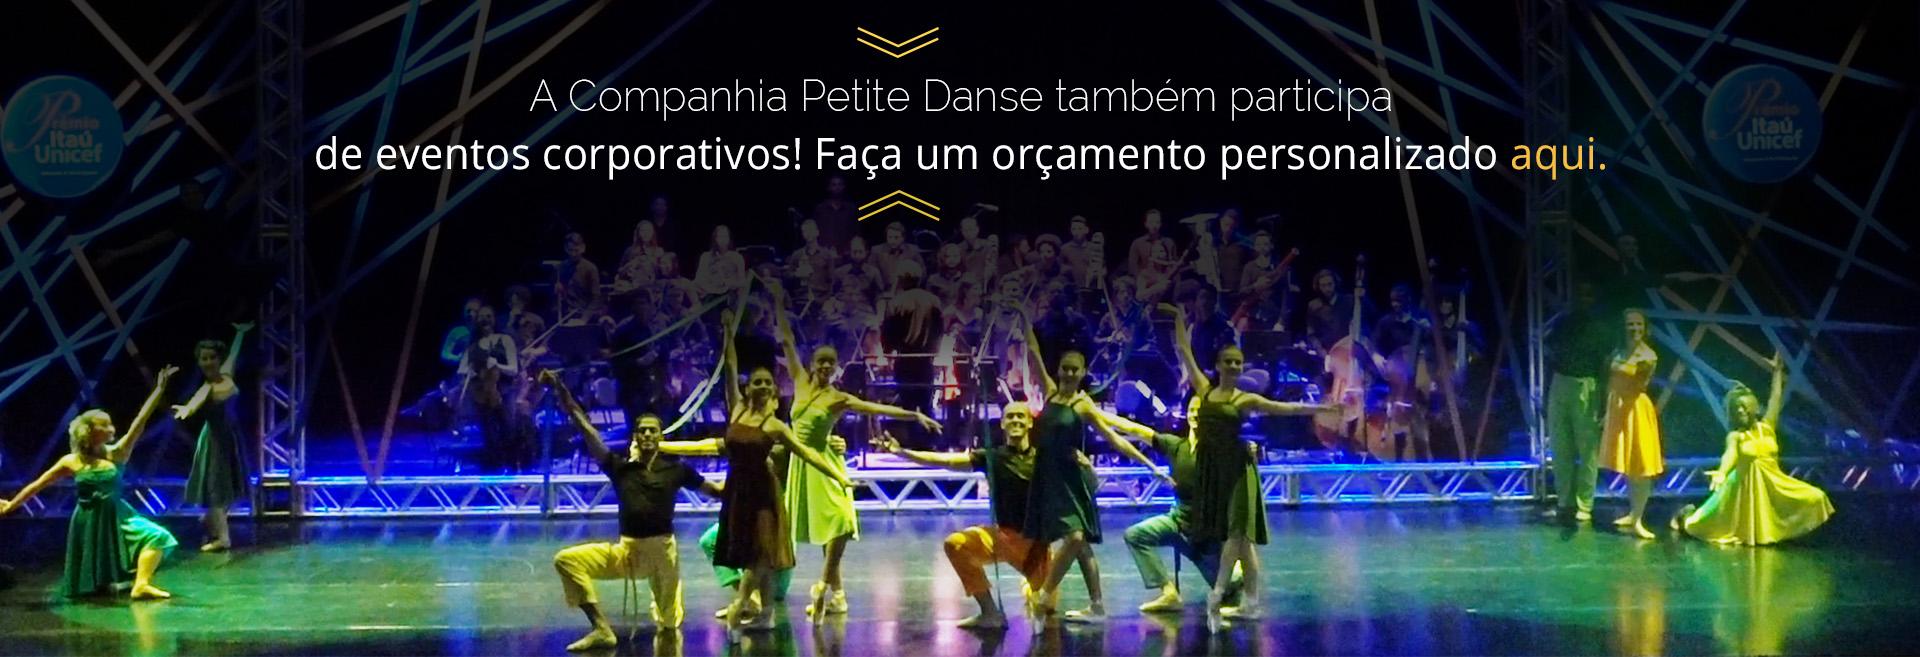 Petite Danse e Eventos Corporativos